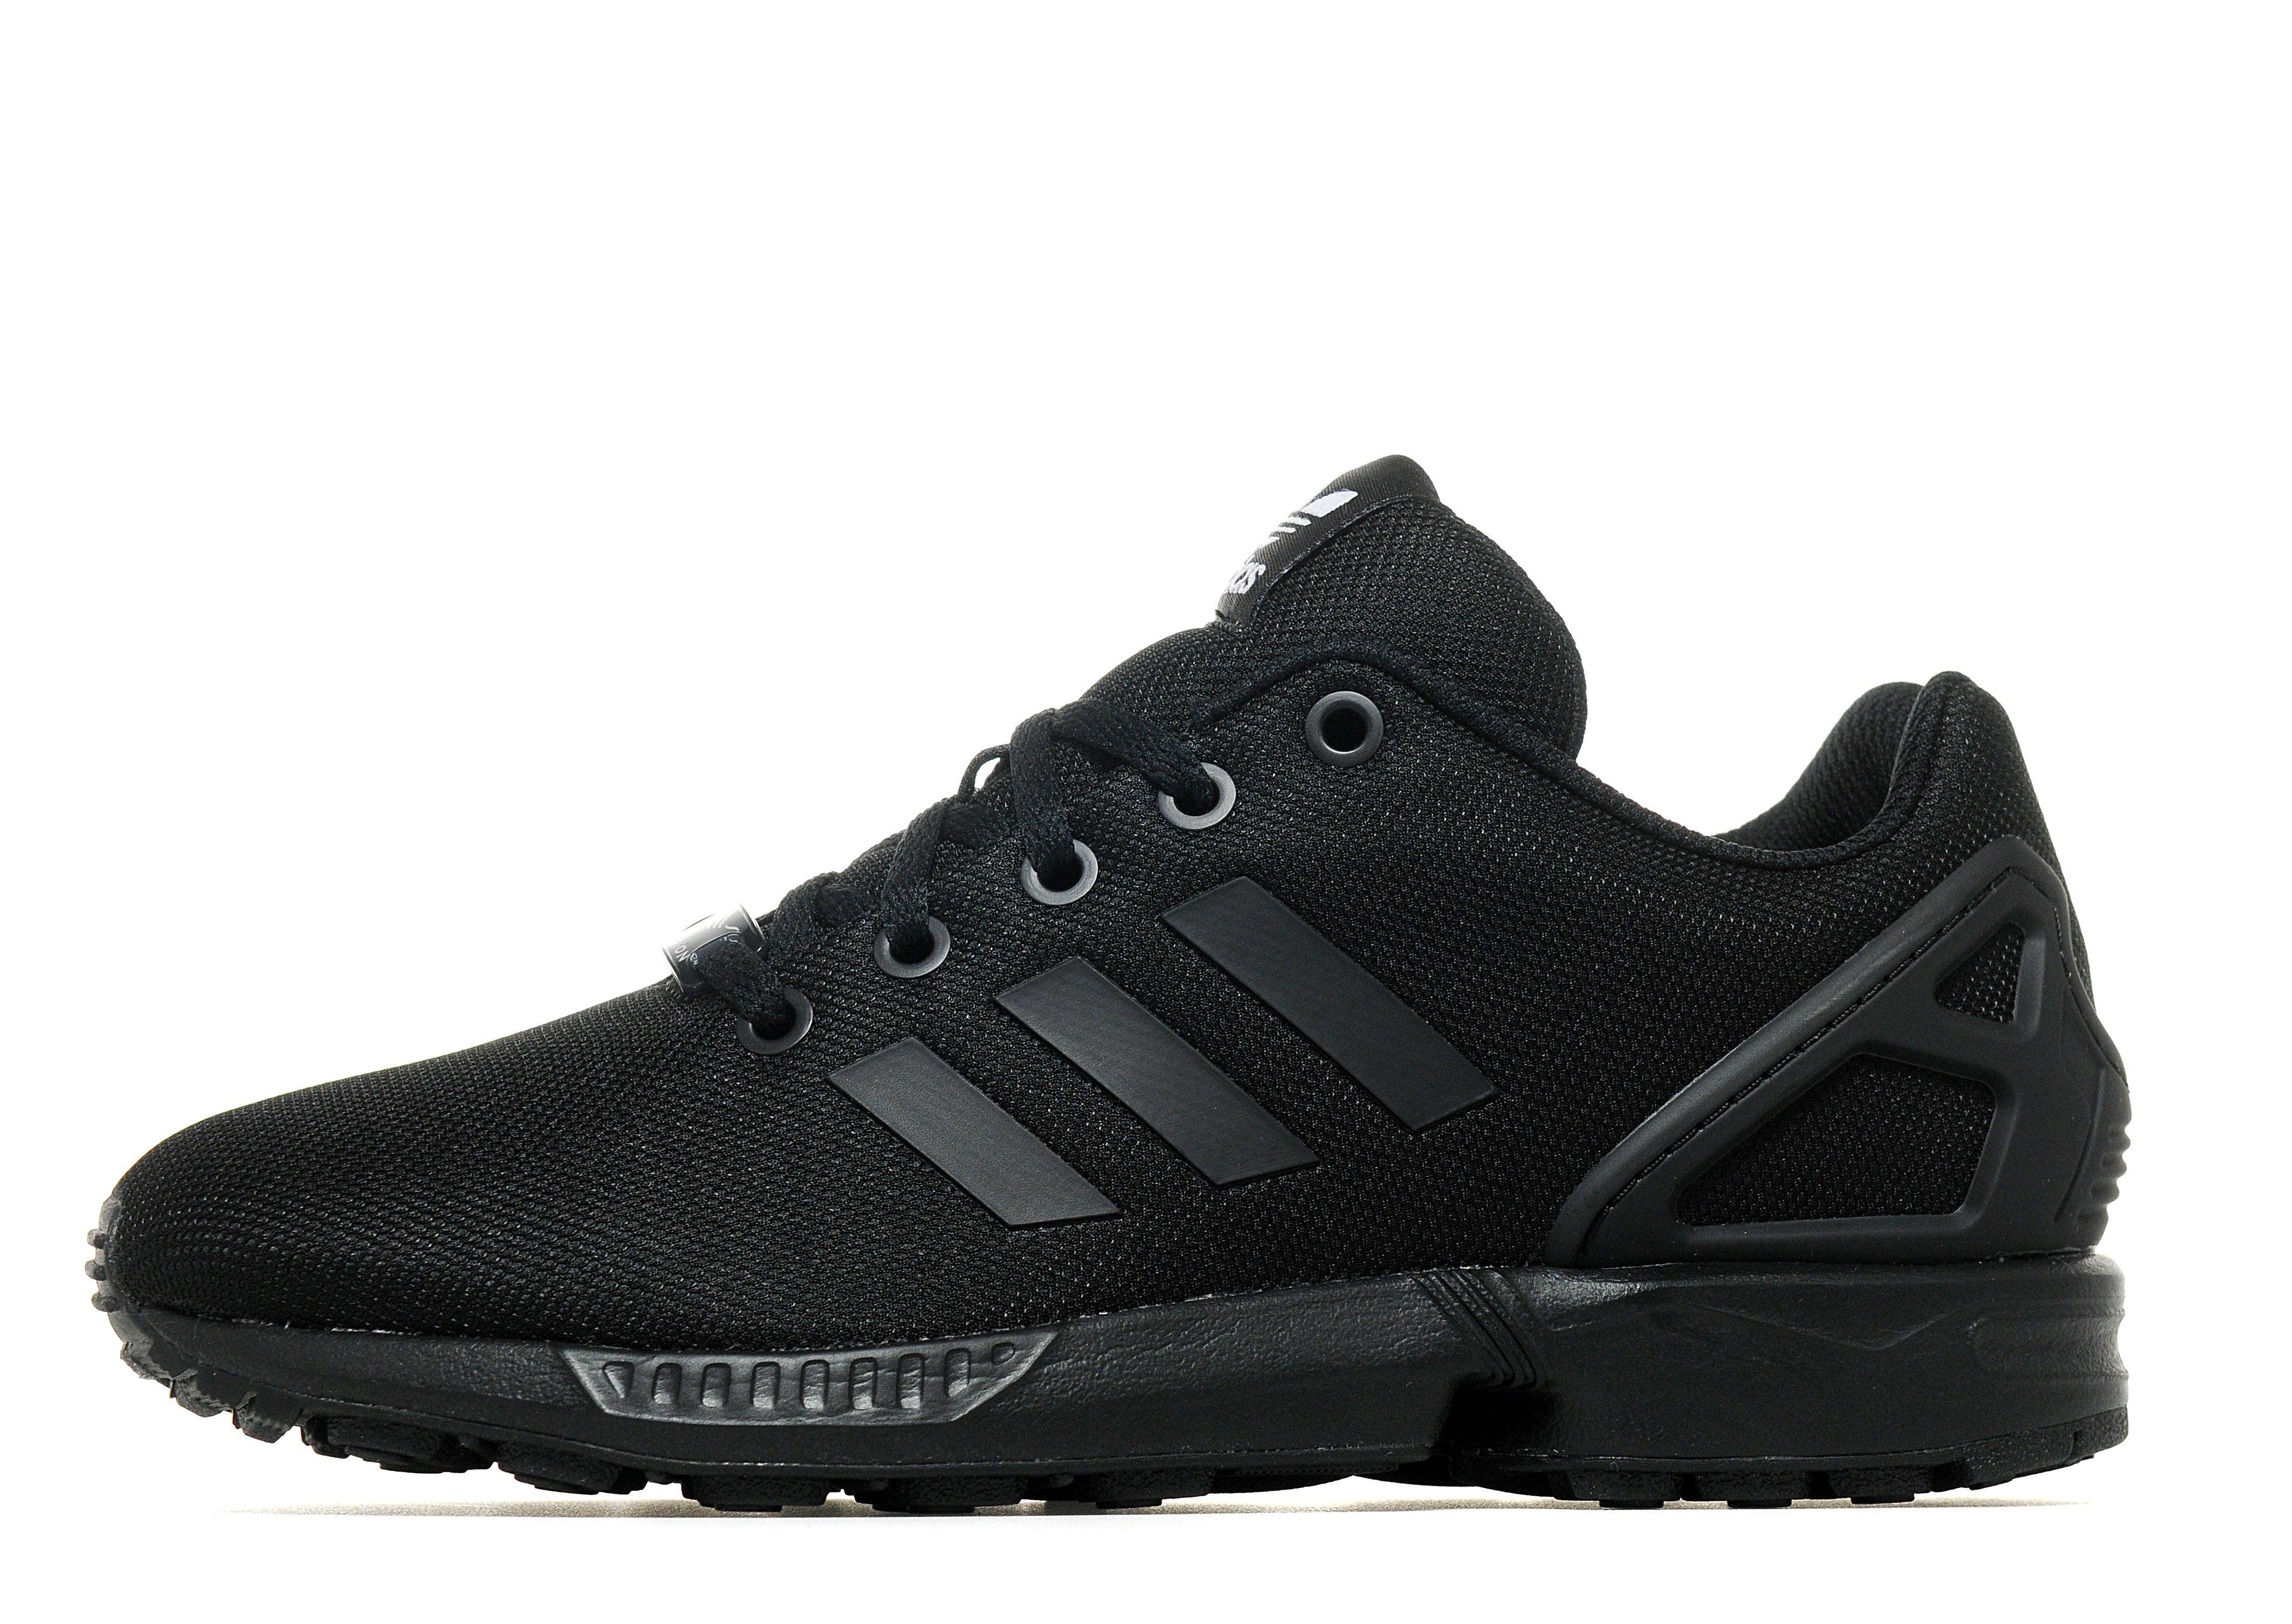 Black Unisex Adidas Zx Flux Core Shoes